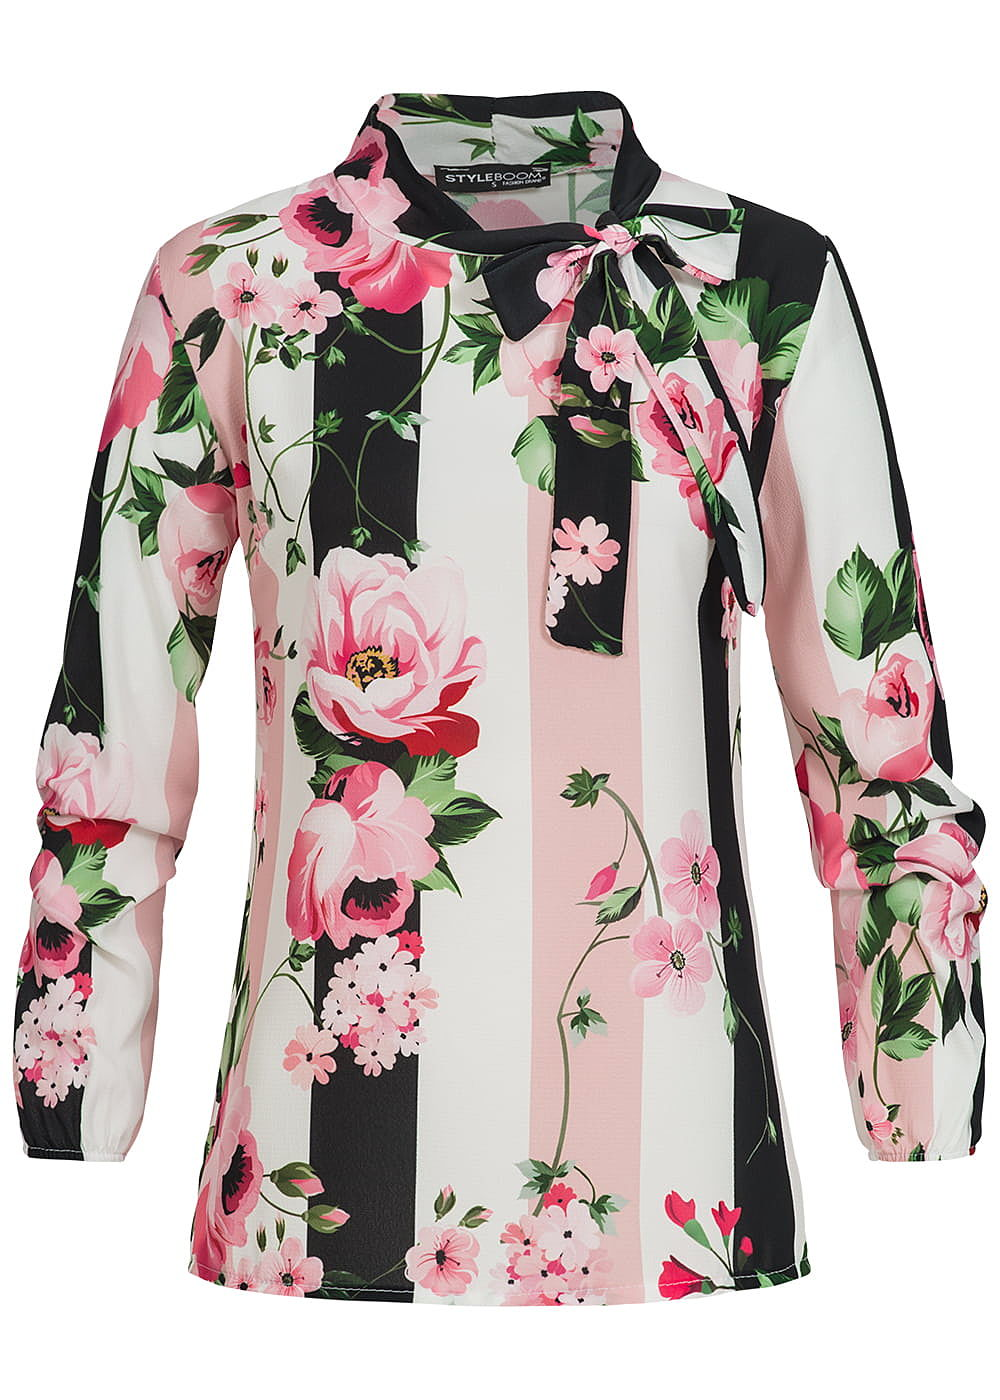 styleboom fashion damen bluse schleife vorne blumen muster rosa weiss schwarz 77onlineshop. Black Bedroom Furniture Sets. Home Design Ideas